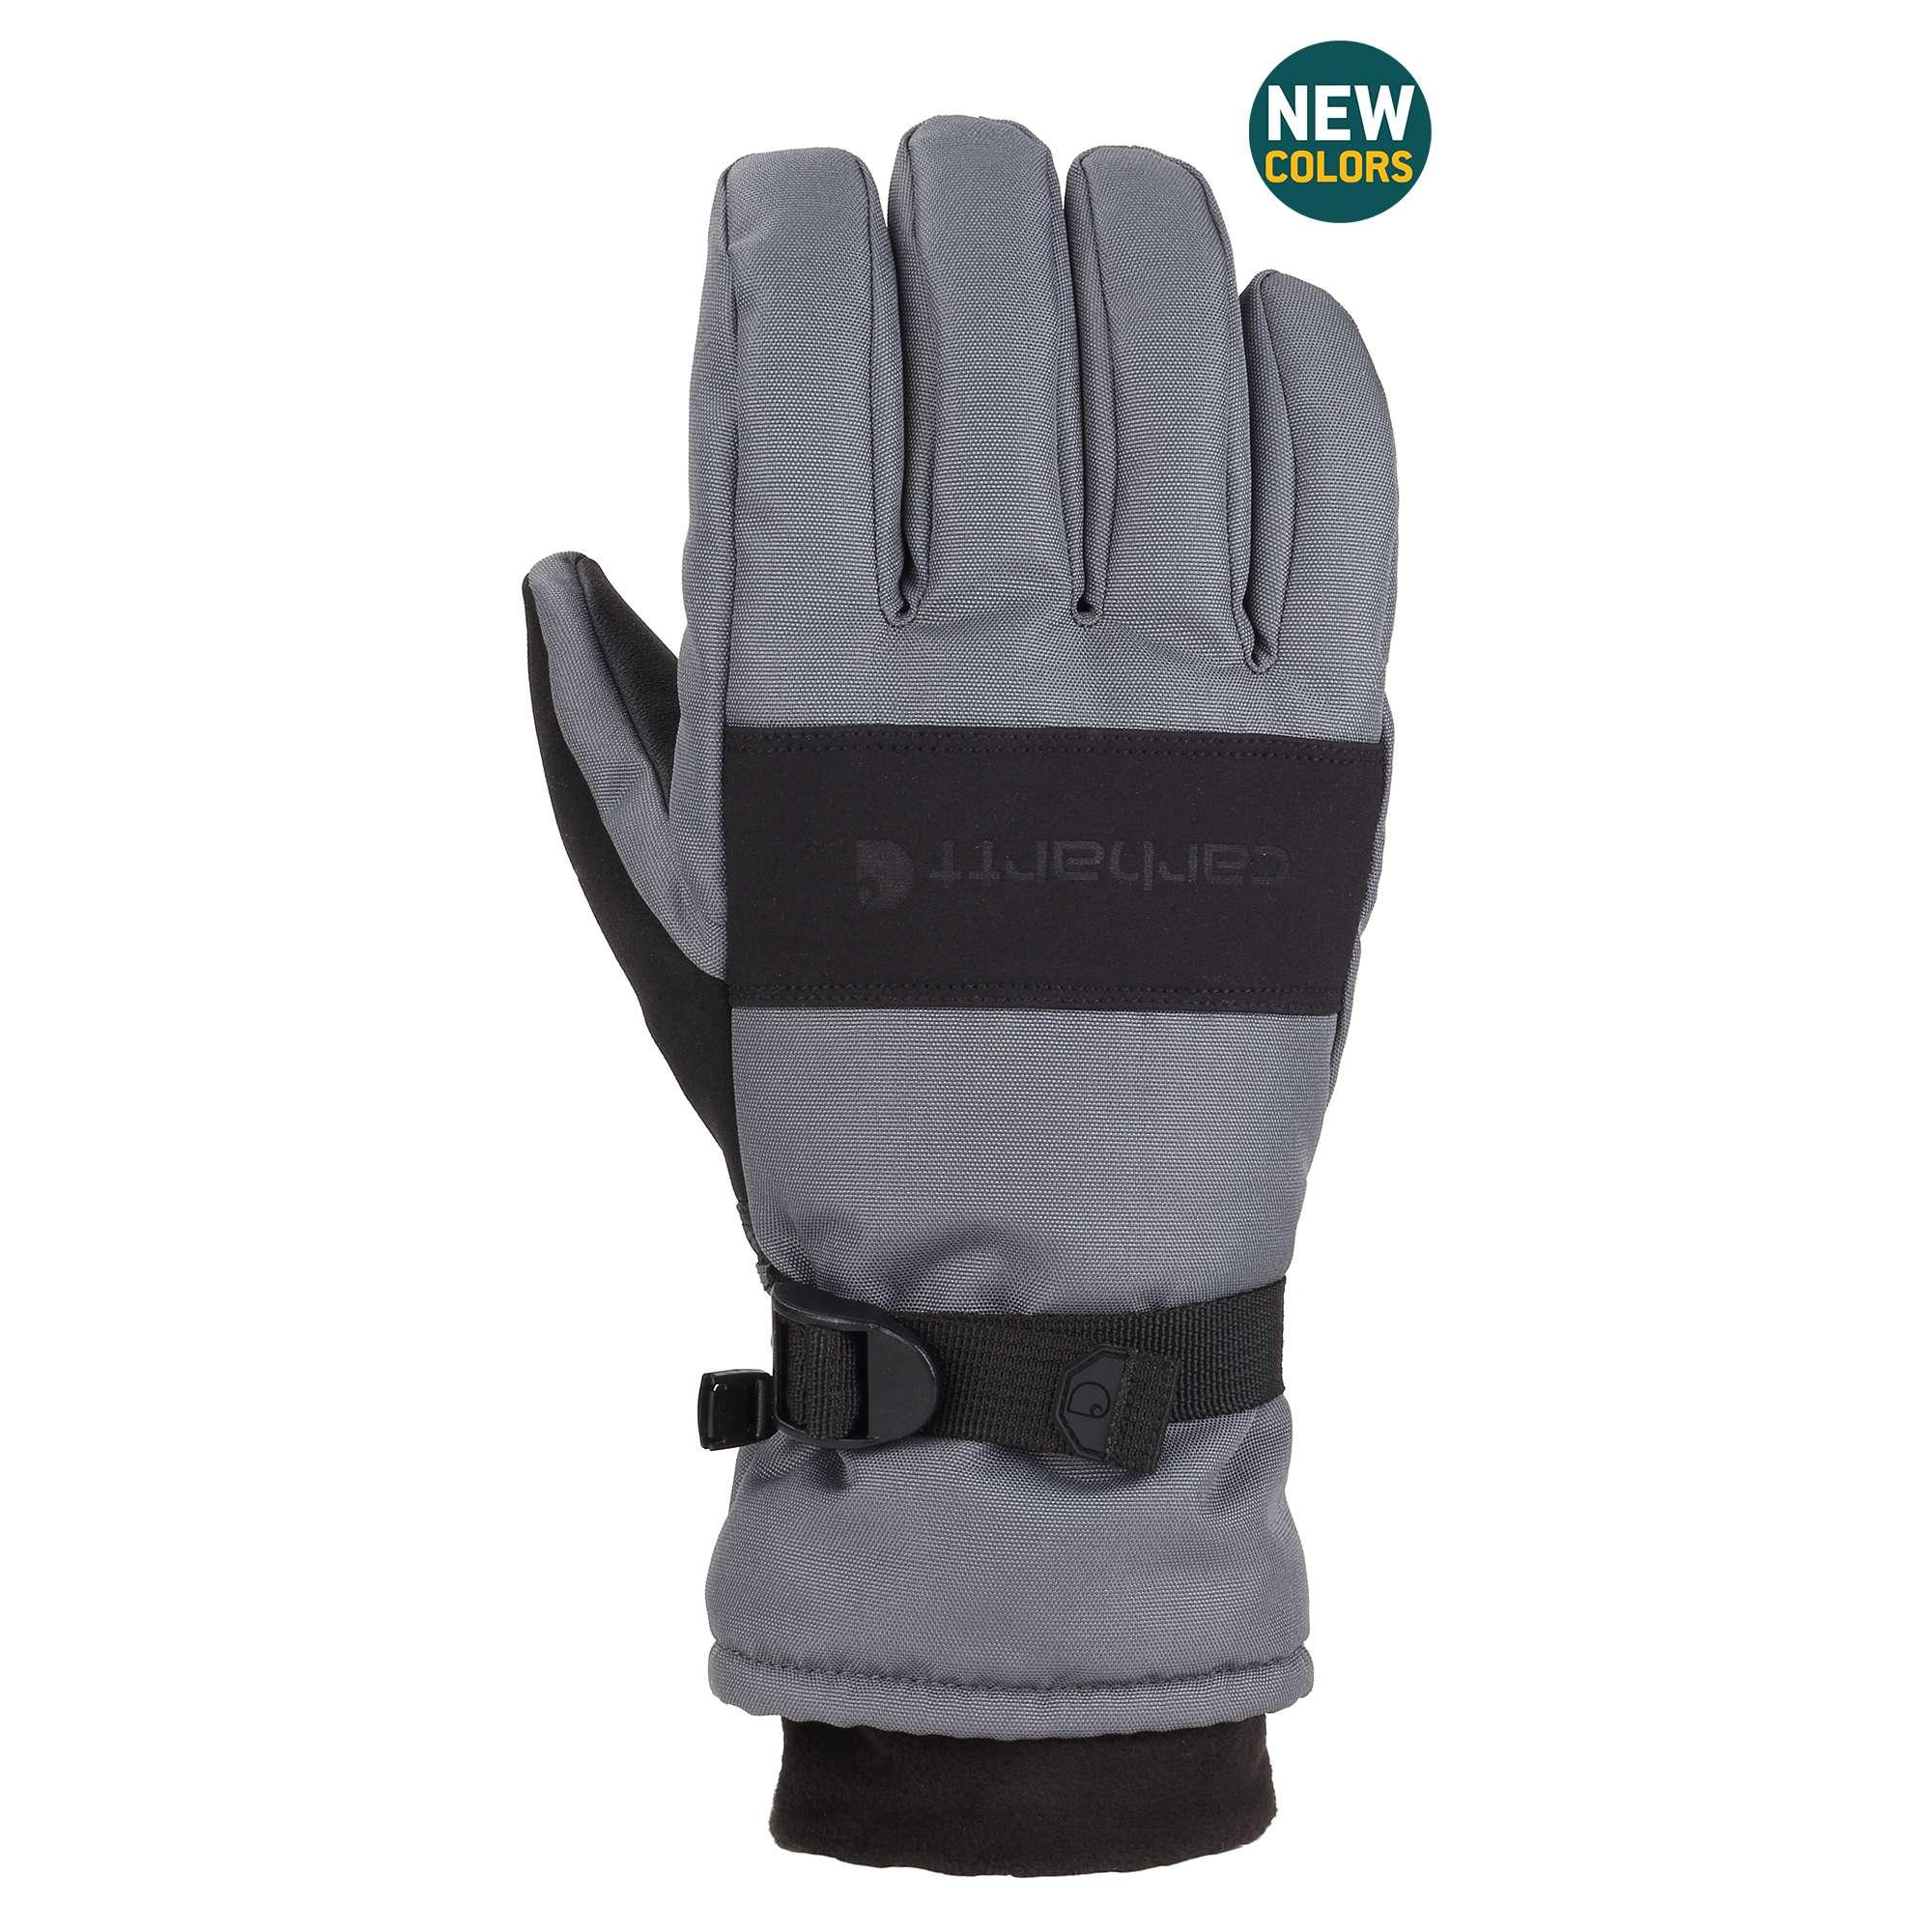 Carhartt WP Glove